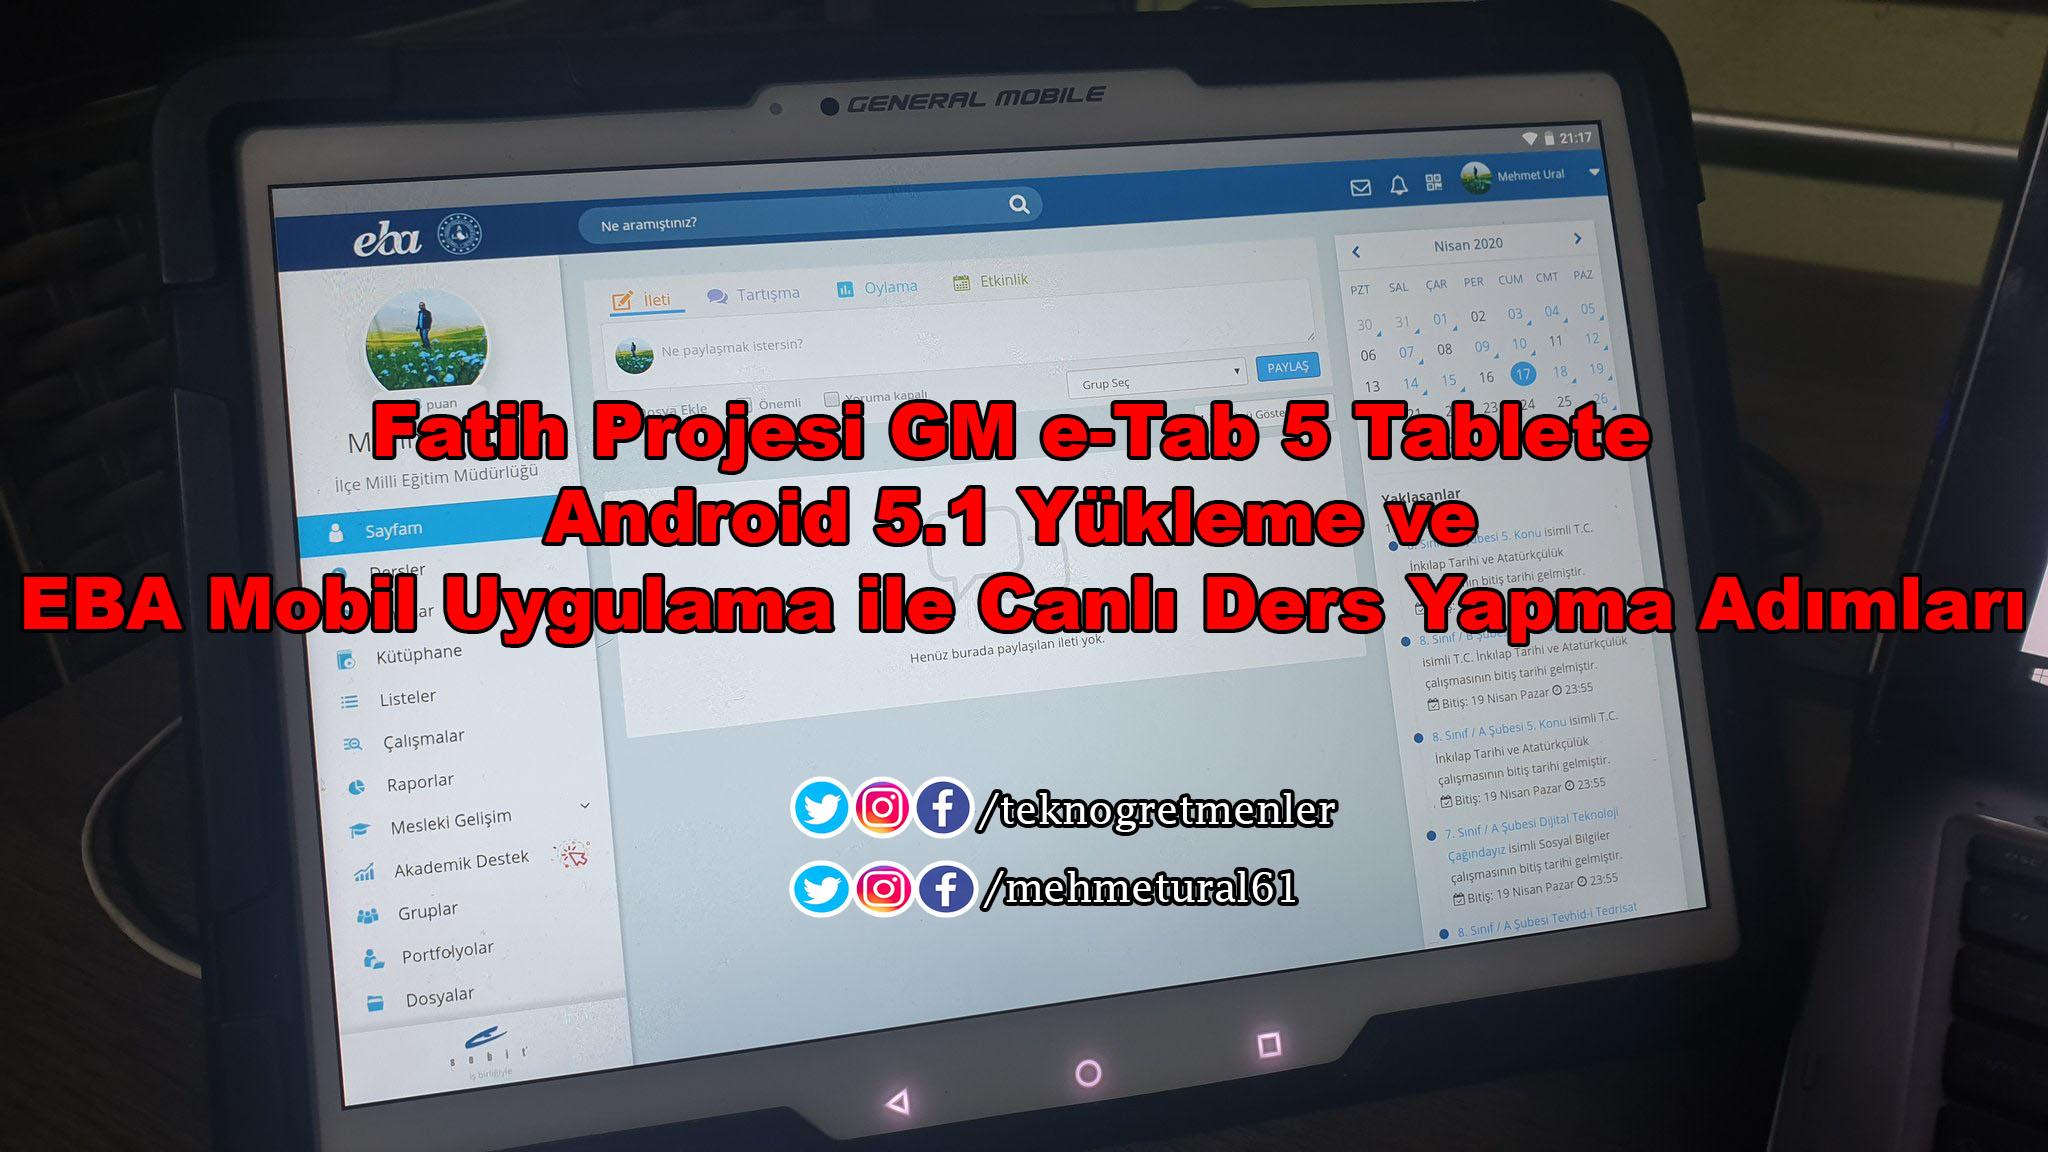 Photo of Fatih Projesi GM e-Tab 5 Tablete Android 5.1 Yükleme ve EBA Mobil Uygulama ile Canlı Ders Yapma Adımları